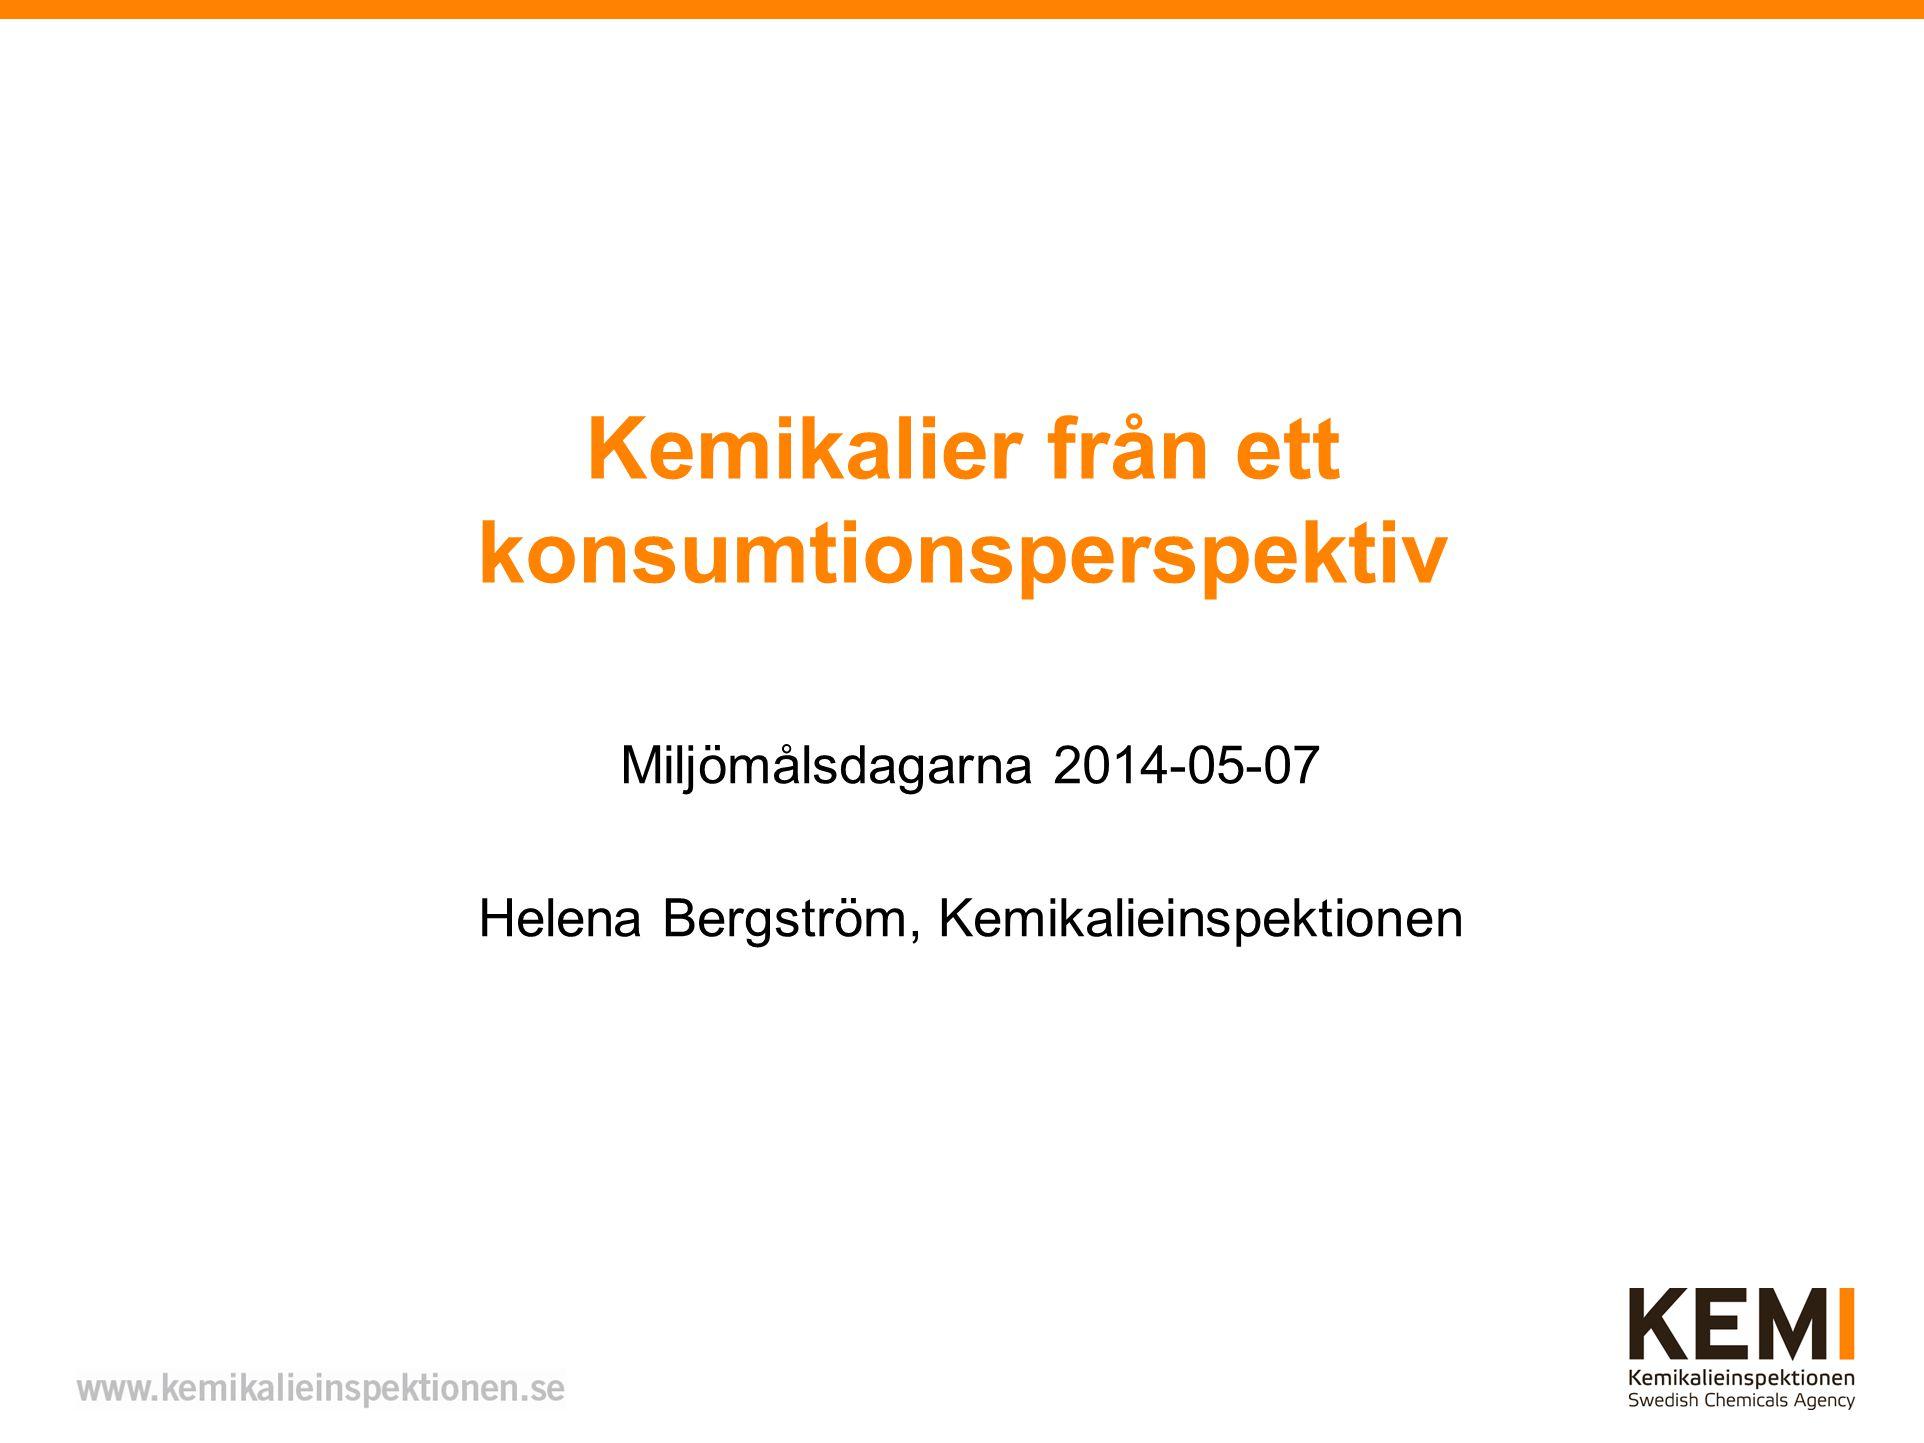 Kemikalier från ett konsumtionsperspektiv Miljömålsdagarna 2014-05-07 Helena Bergström, Kemikalieinspektionen